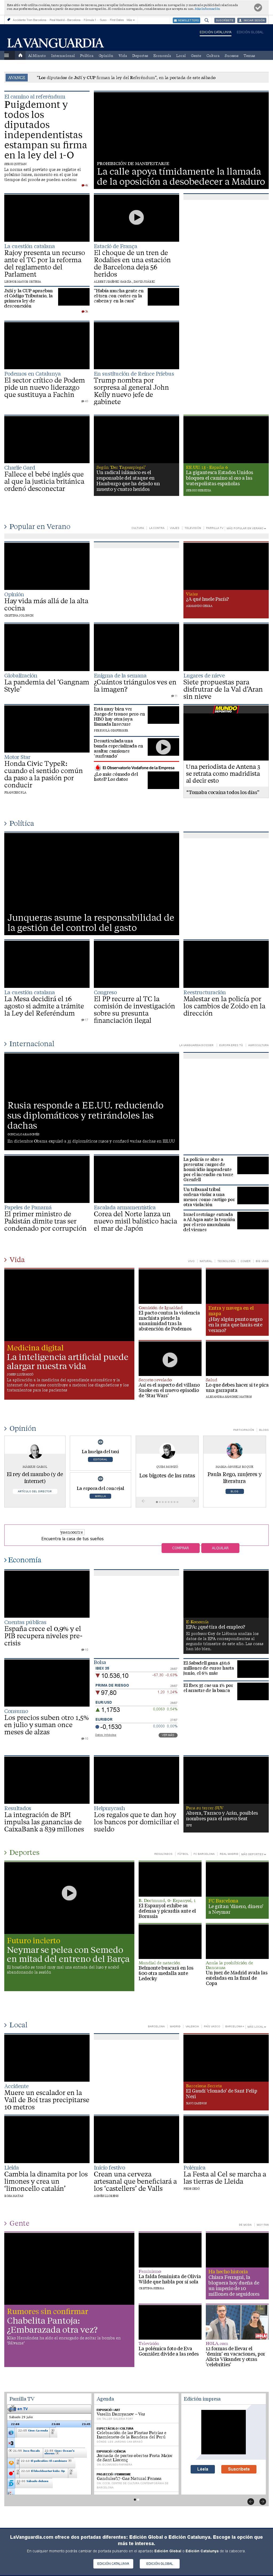 La Vanguardia at Saturday July 29, 2017, 12:25 a.m. UTC